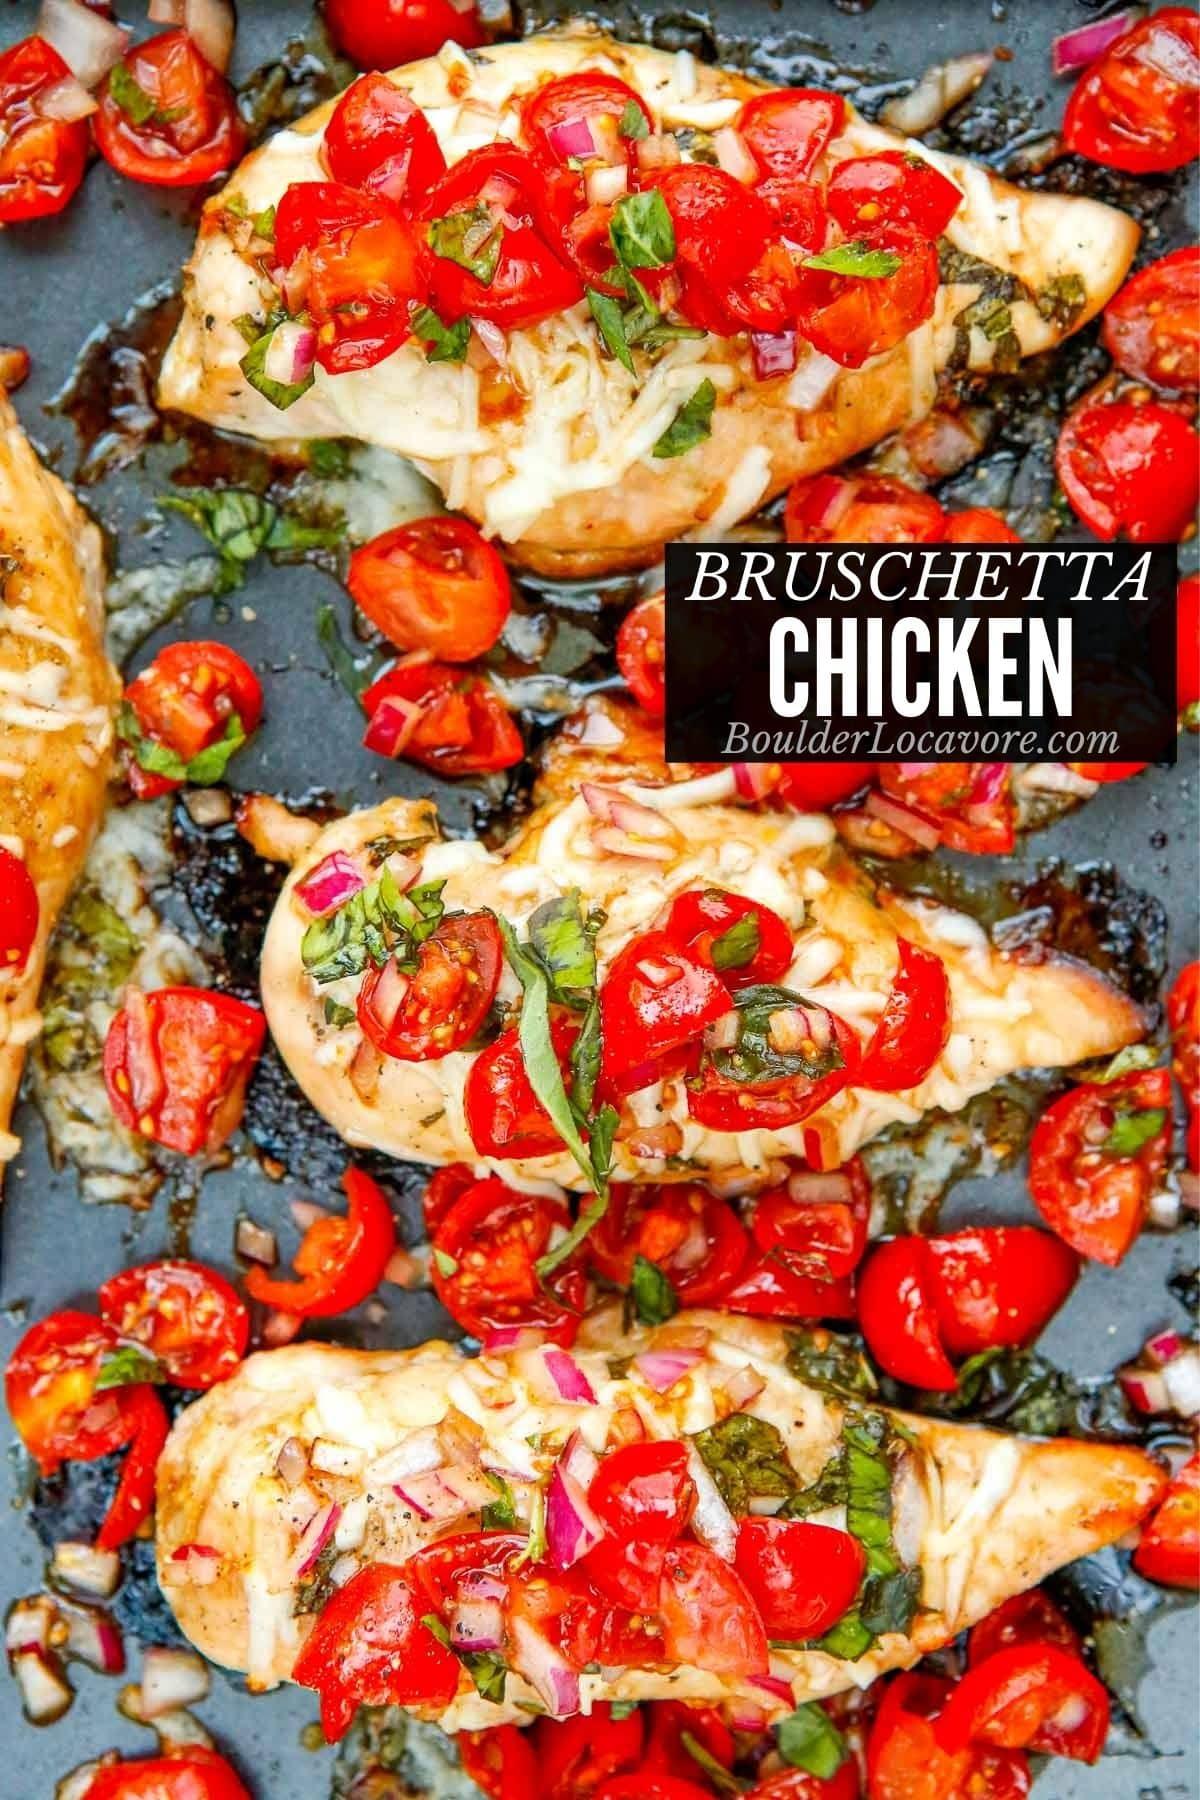 bruschetta chicken title image